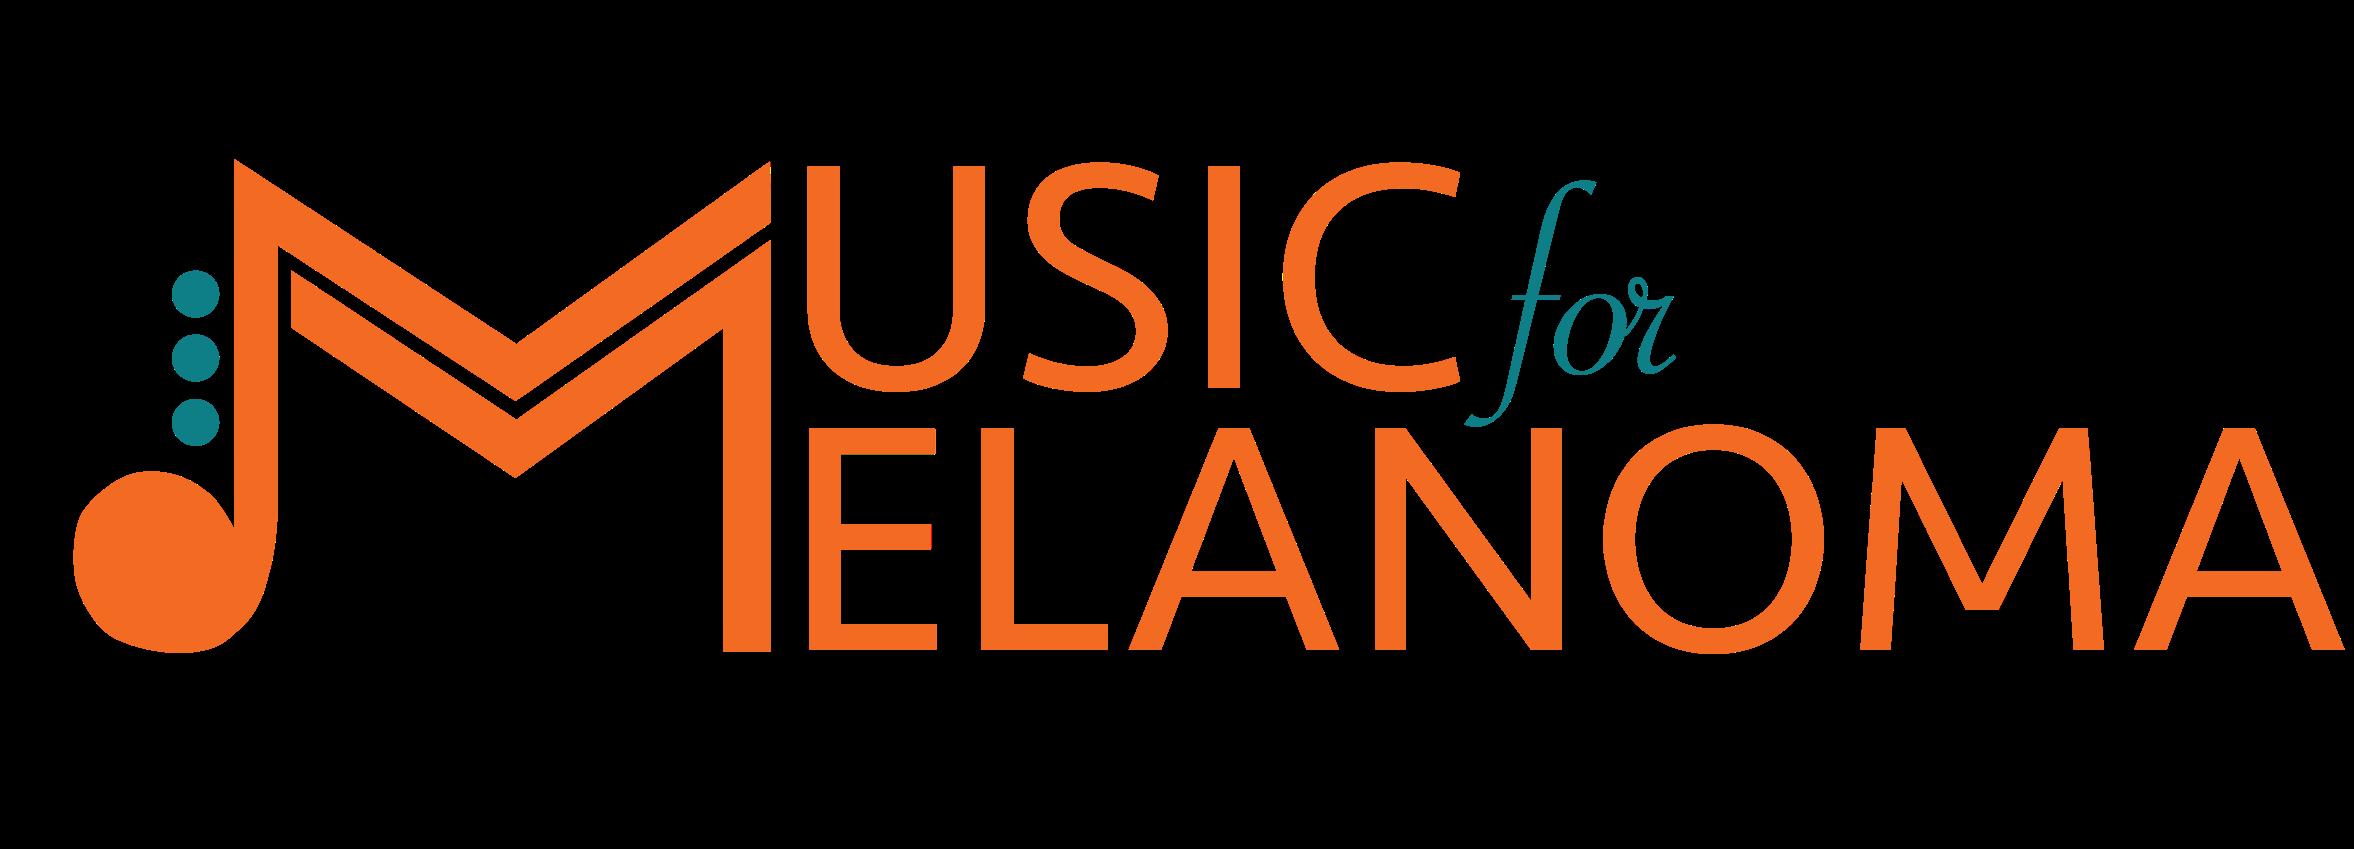 Music for Melanoma